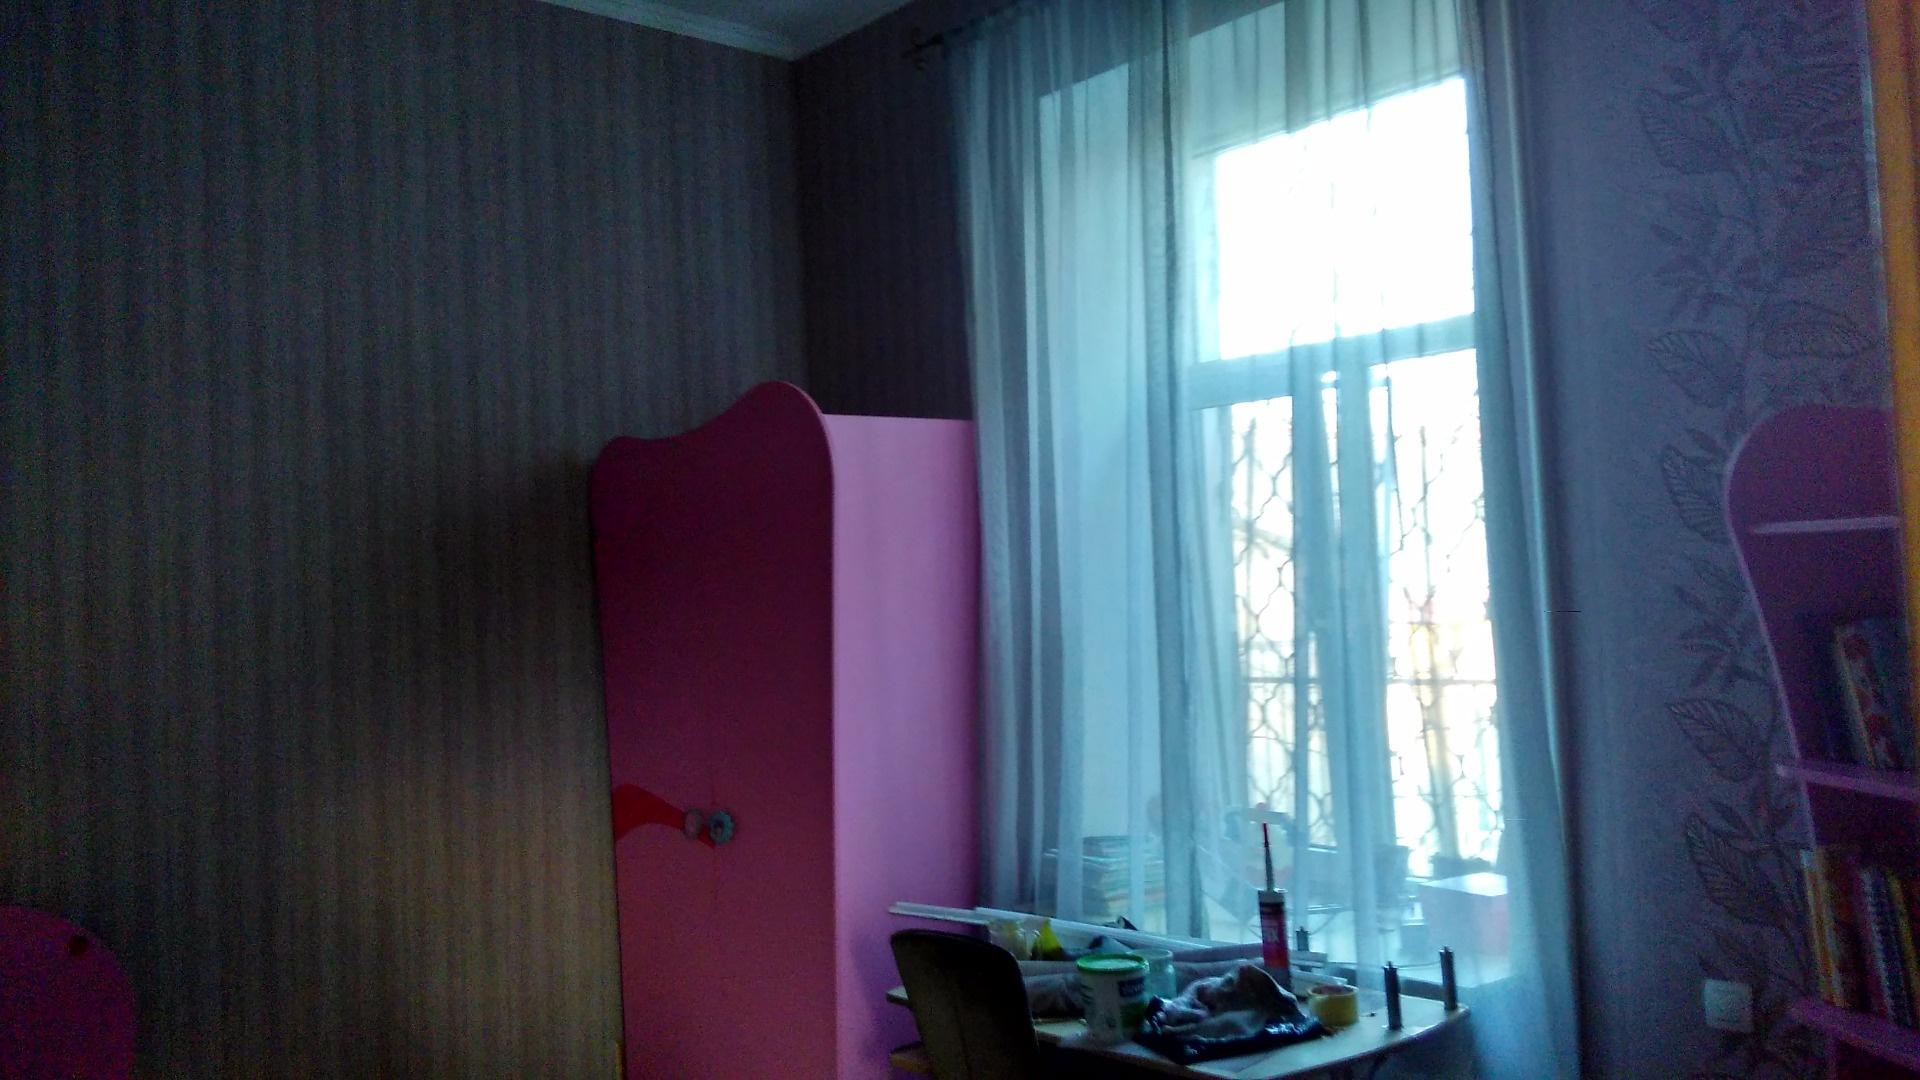 Продается 3-комнатная квартира на ул. Малая Арнаутская (Воровского) — 130 000 у.е. (фото №12)